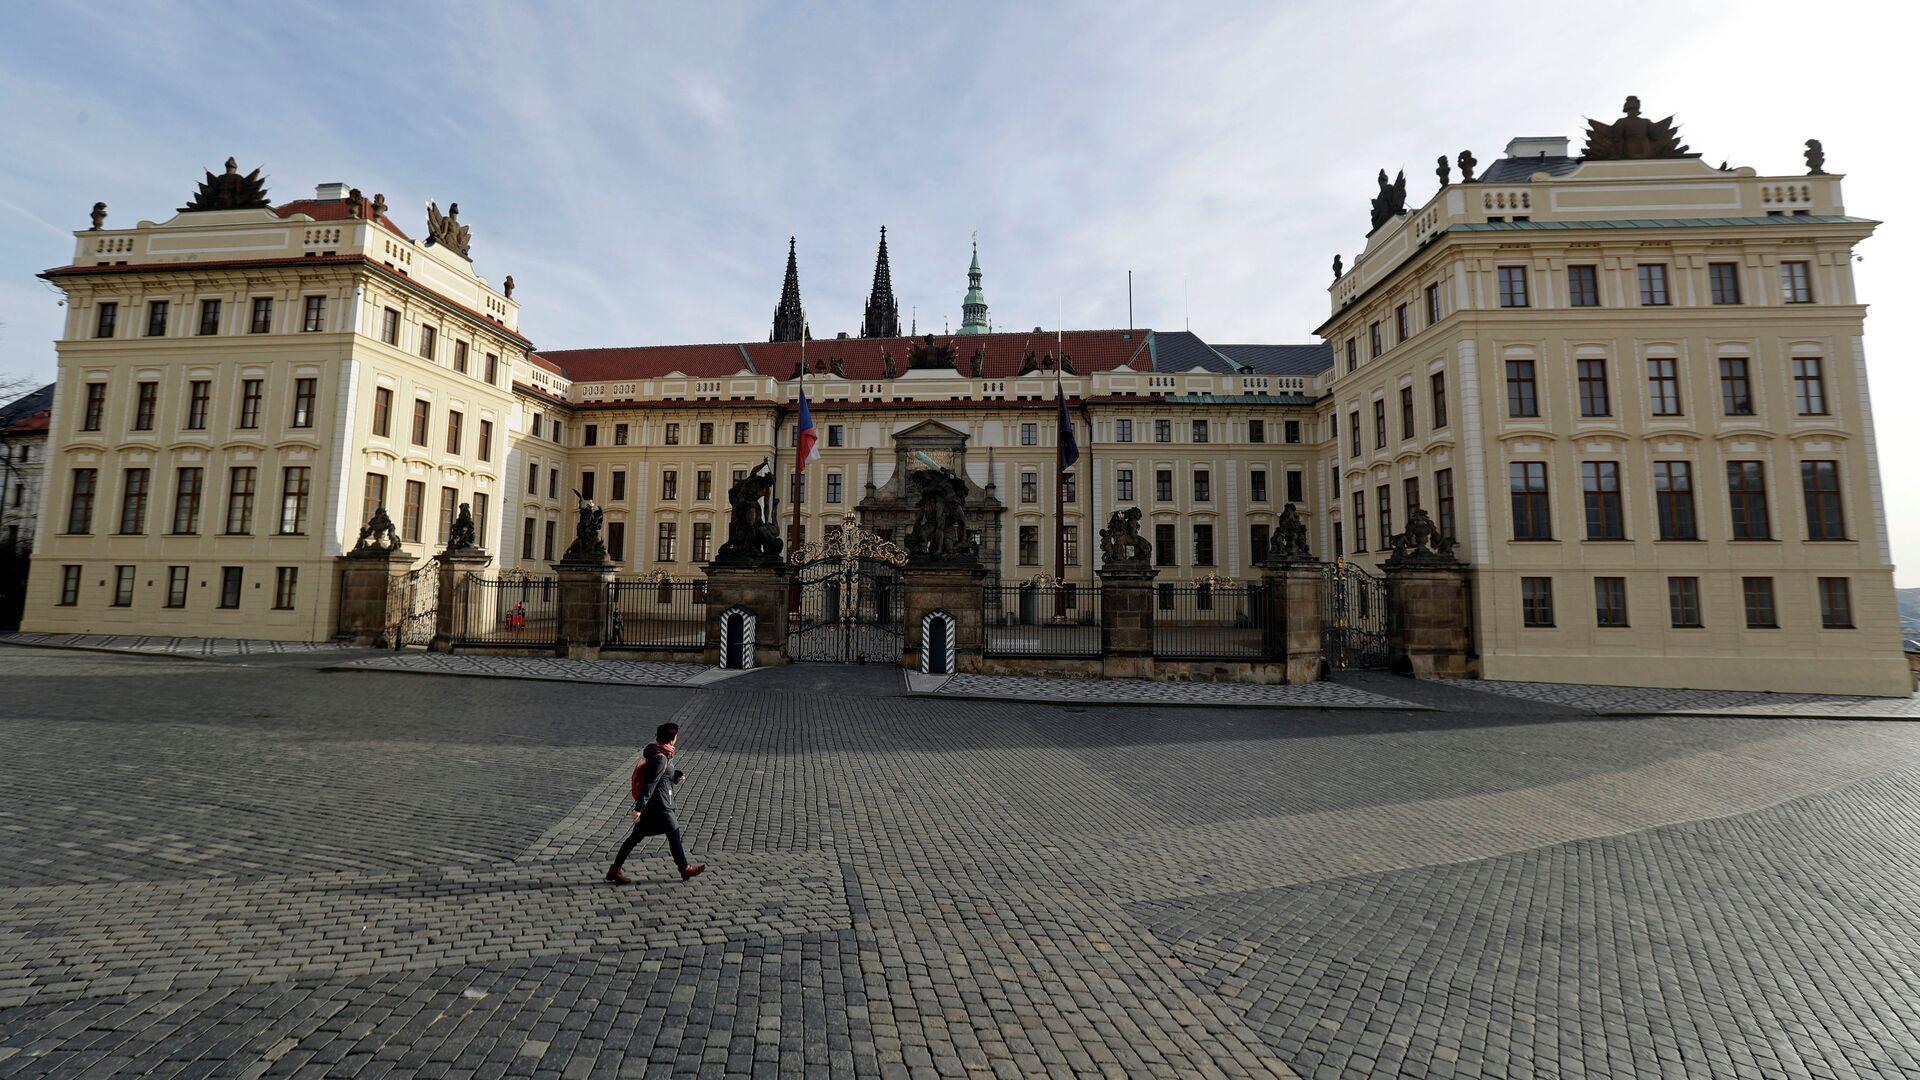 Pražský hrad uzavřený kvůli karanténě - Sputnik Česká republika, 1920, 07.04.2021